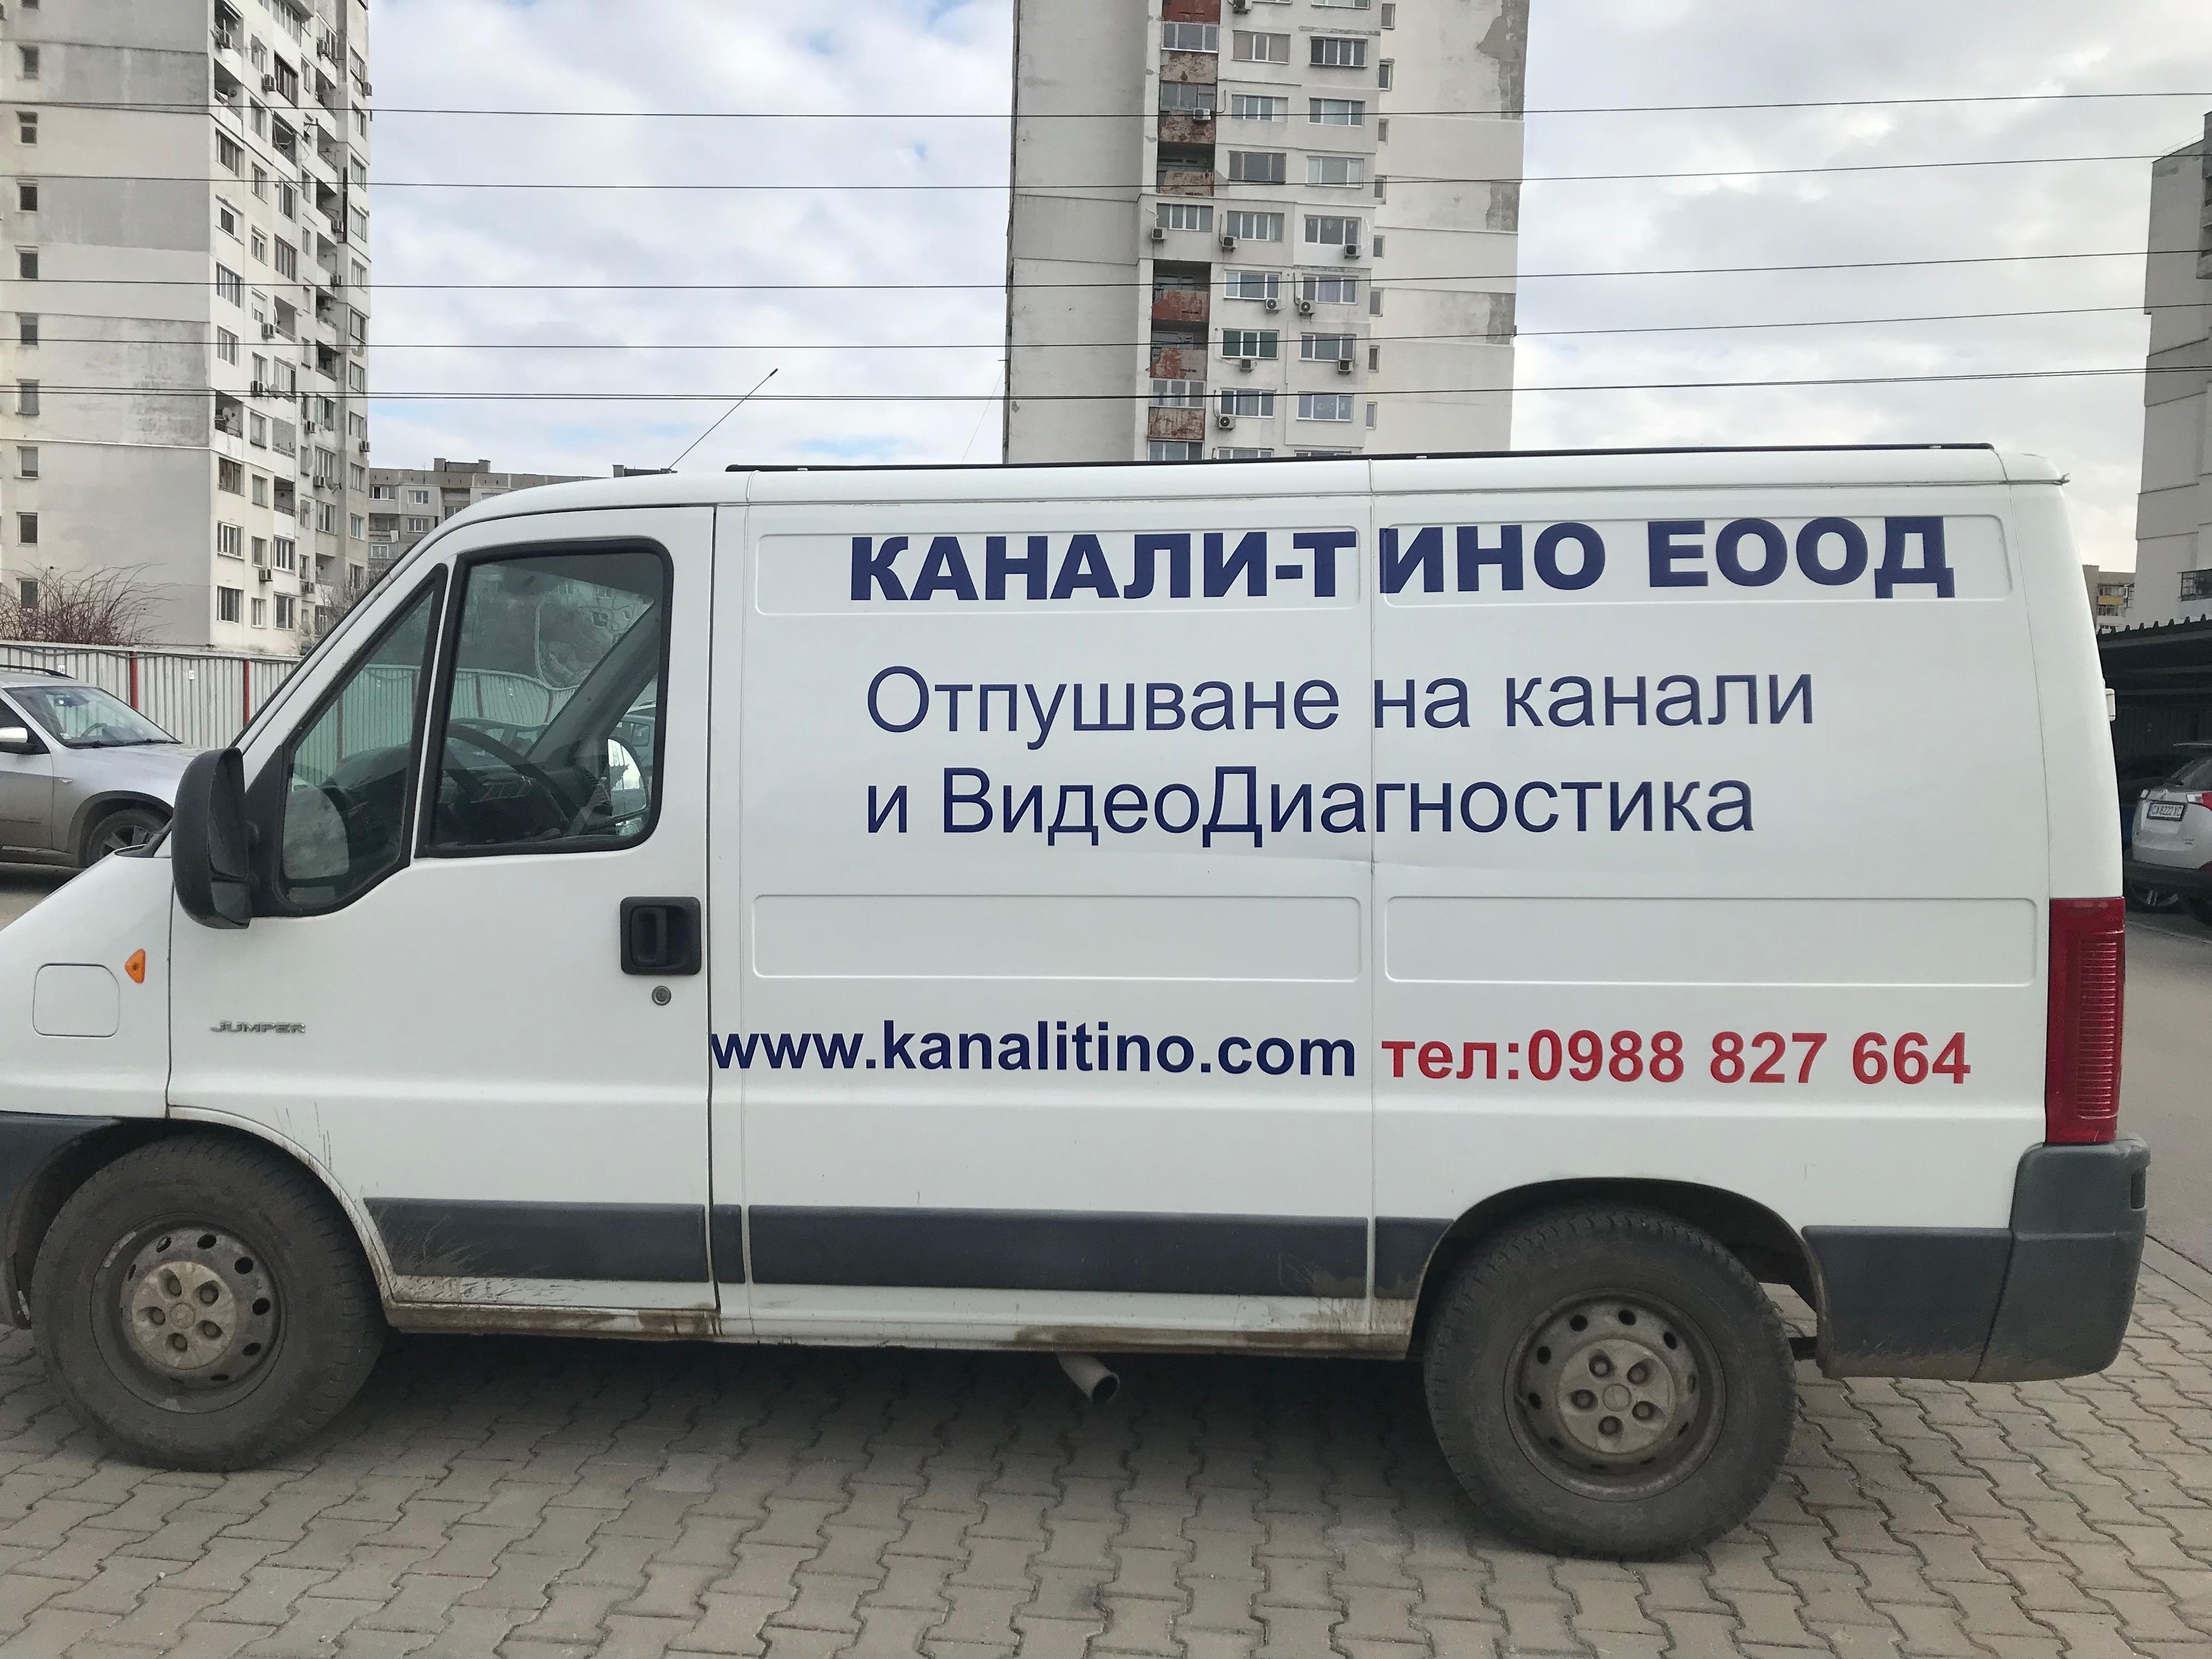 Отпушване на канали в Гео Милев